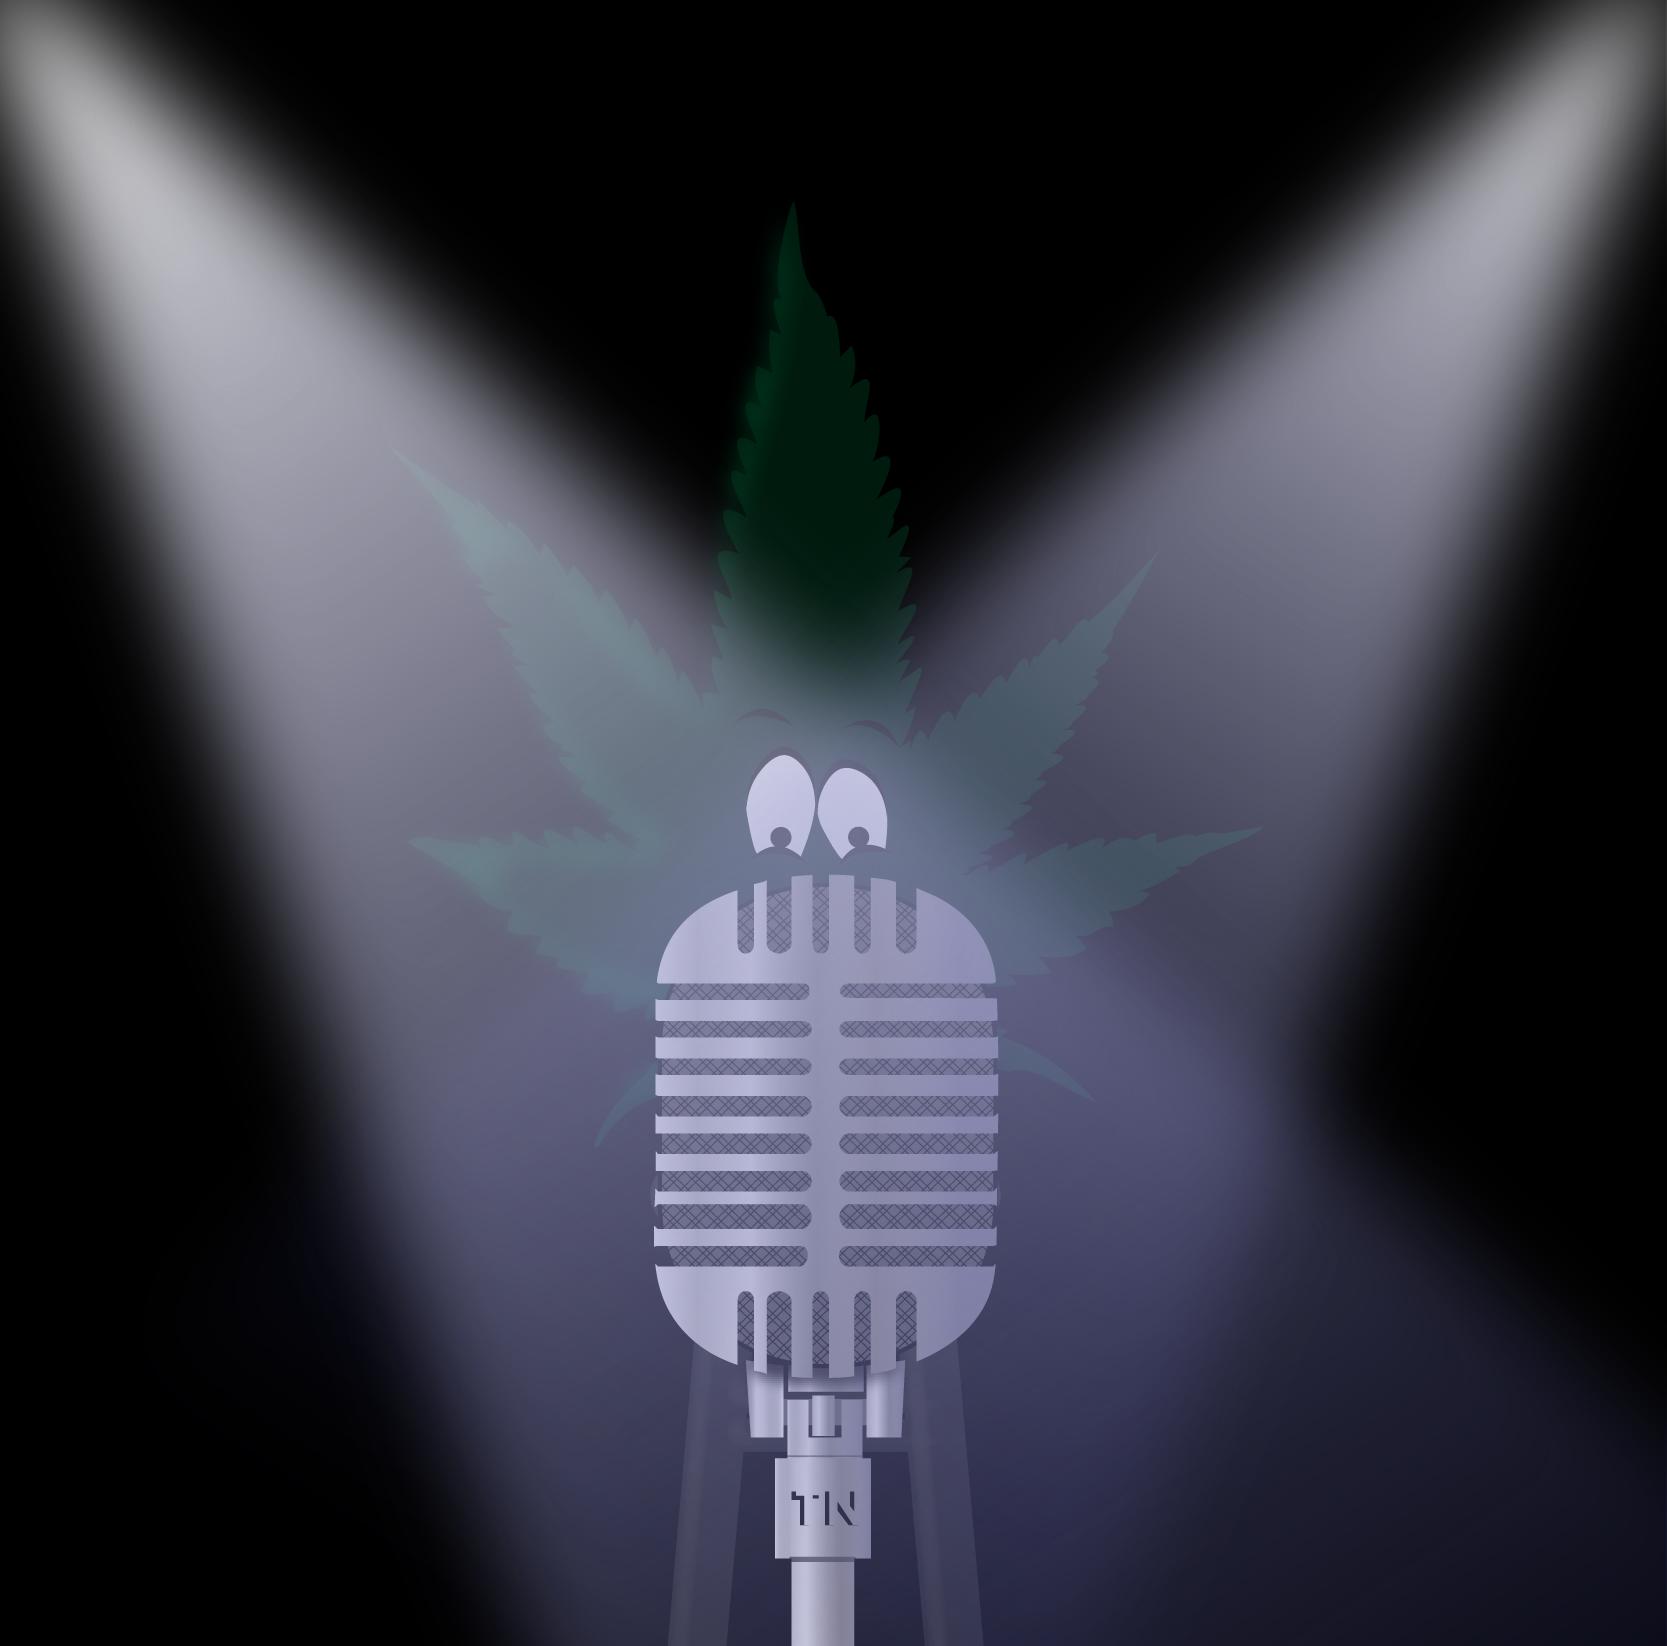 State of Cannabis: Tennessee is Good on Hemp, Bad on Marijuana